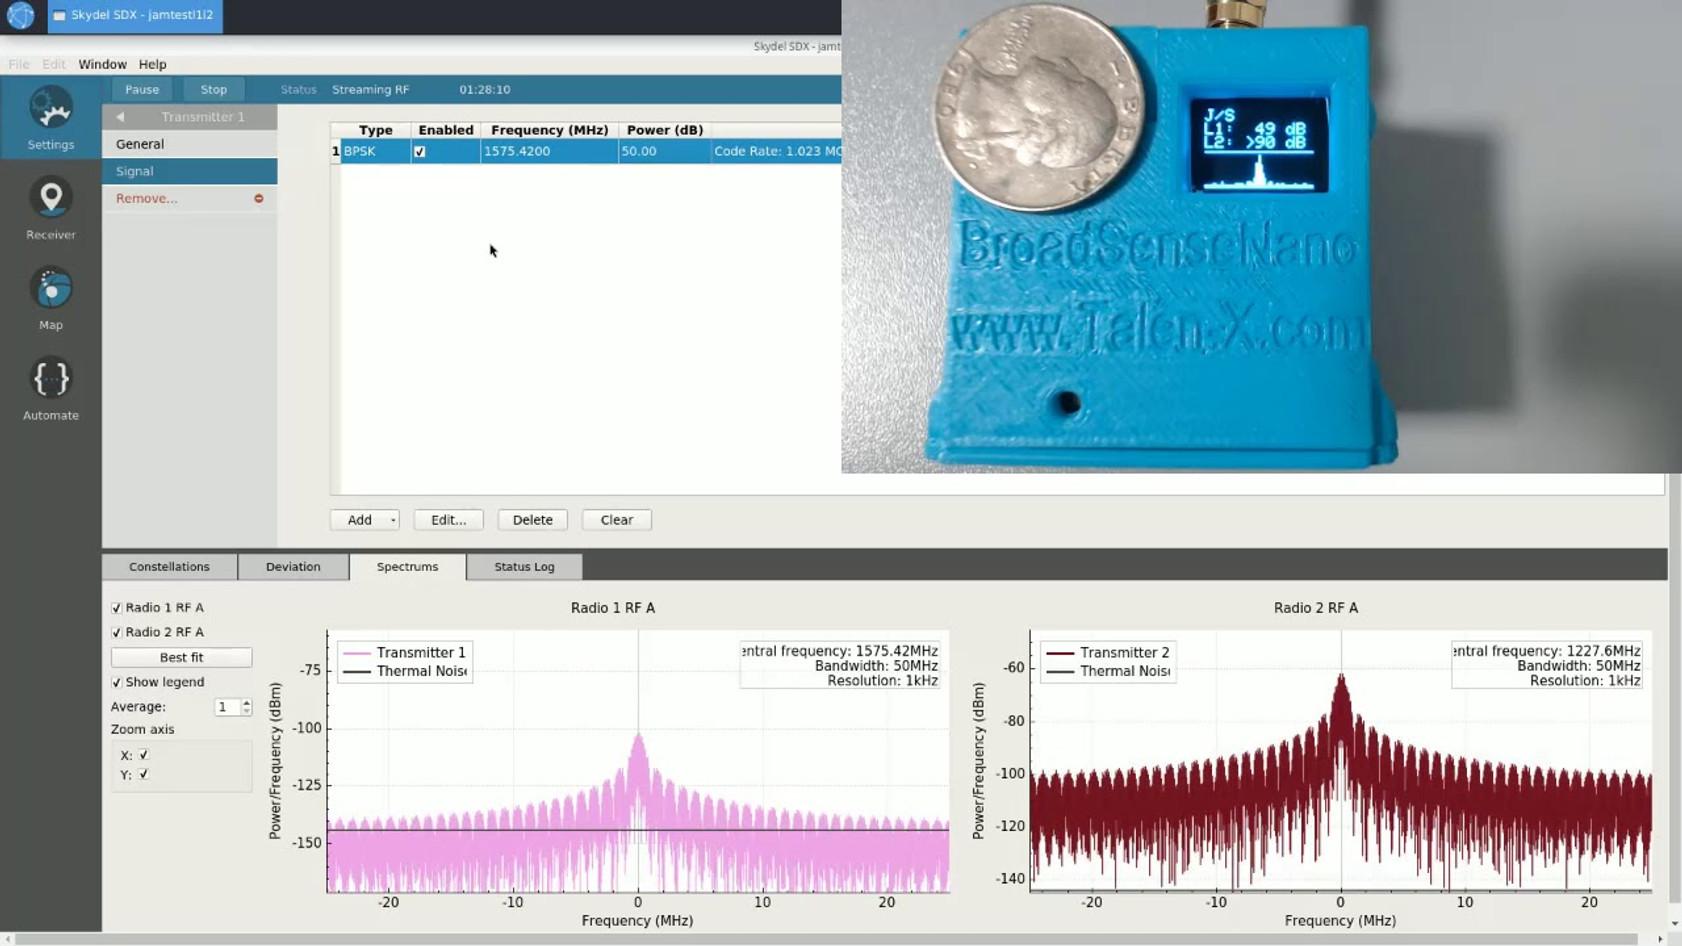 Talen-X Premiers BroadSense Nano Prototype on Its New Youtube Channel